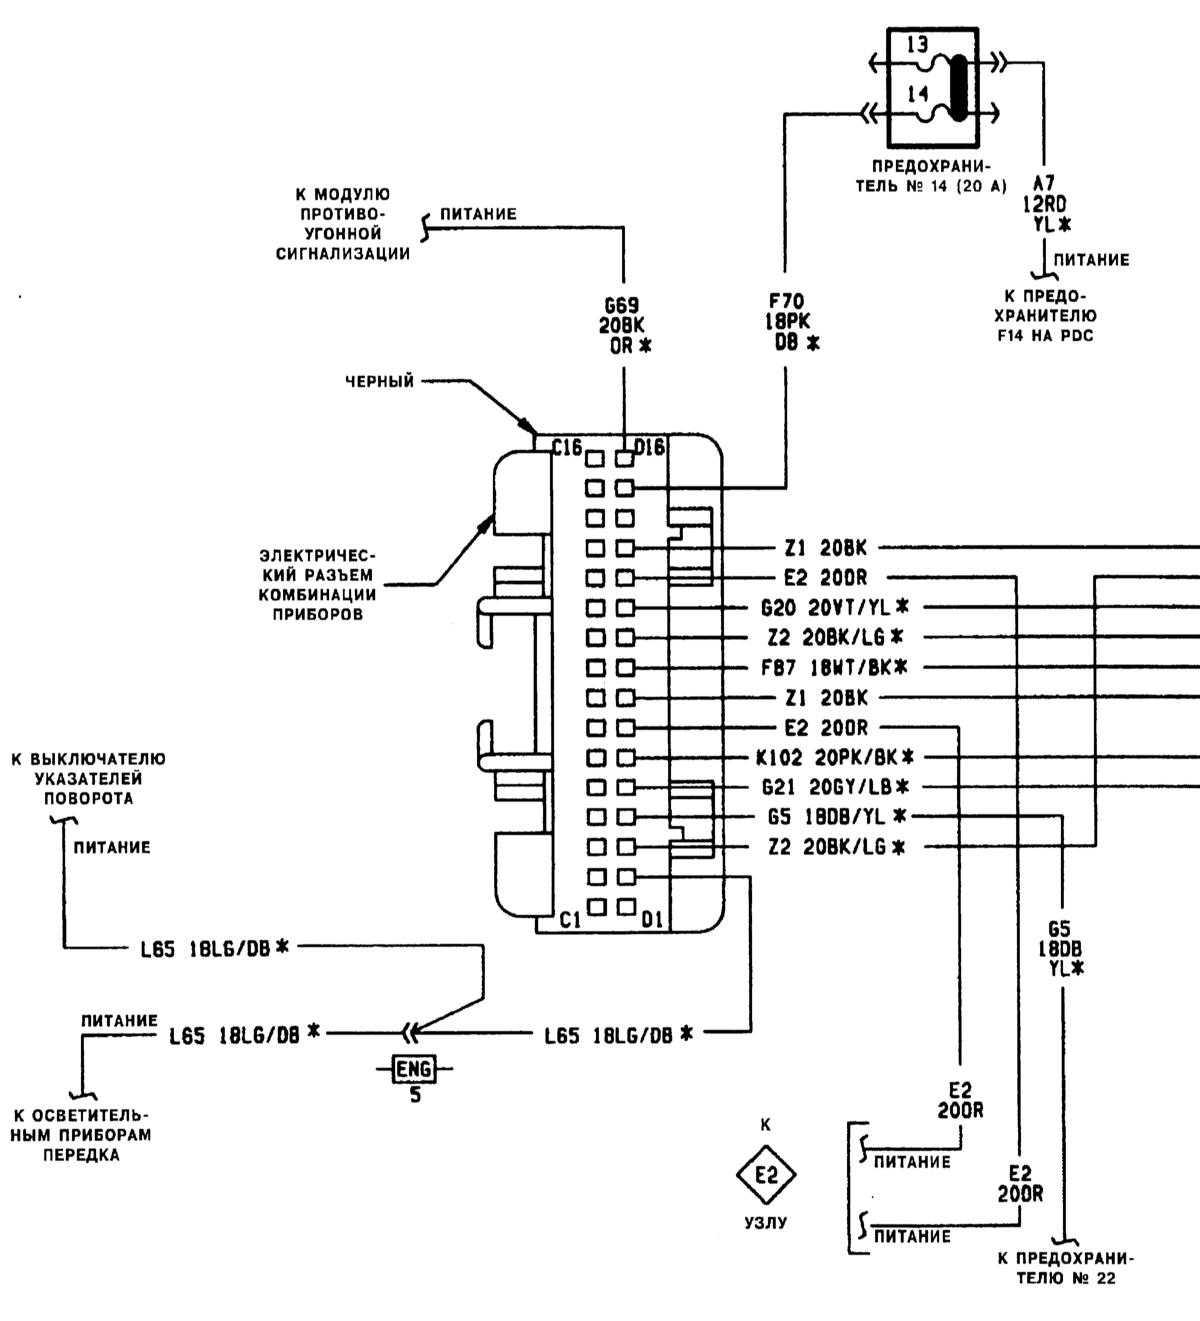 опель омега б 2.5 v6 схема подключения панели приборов